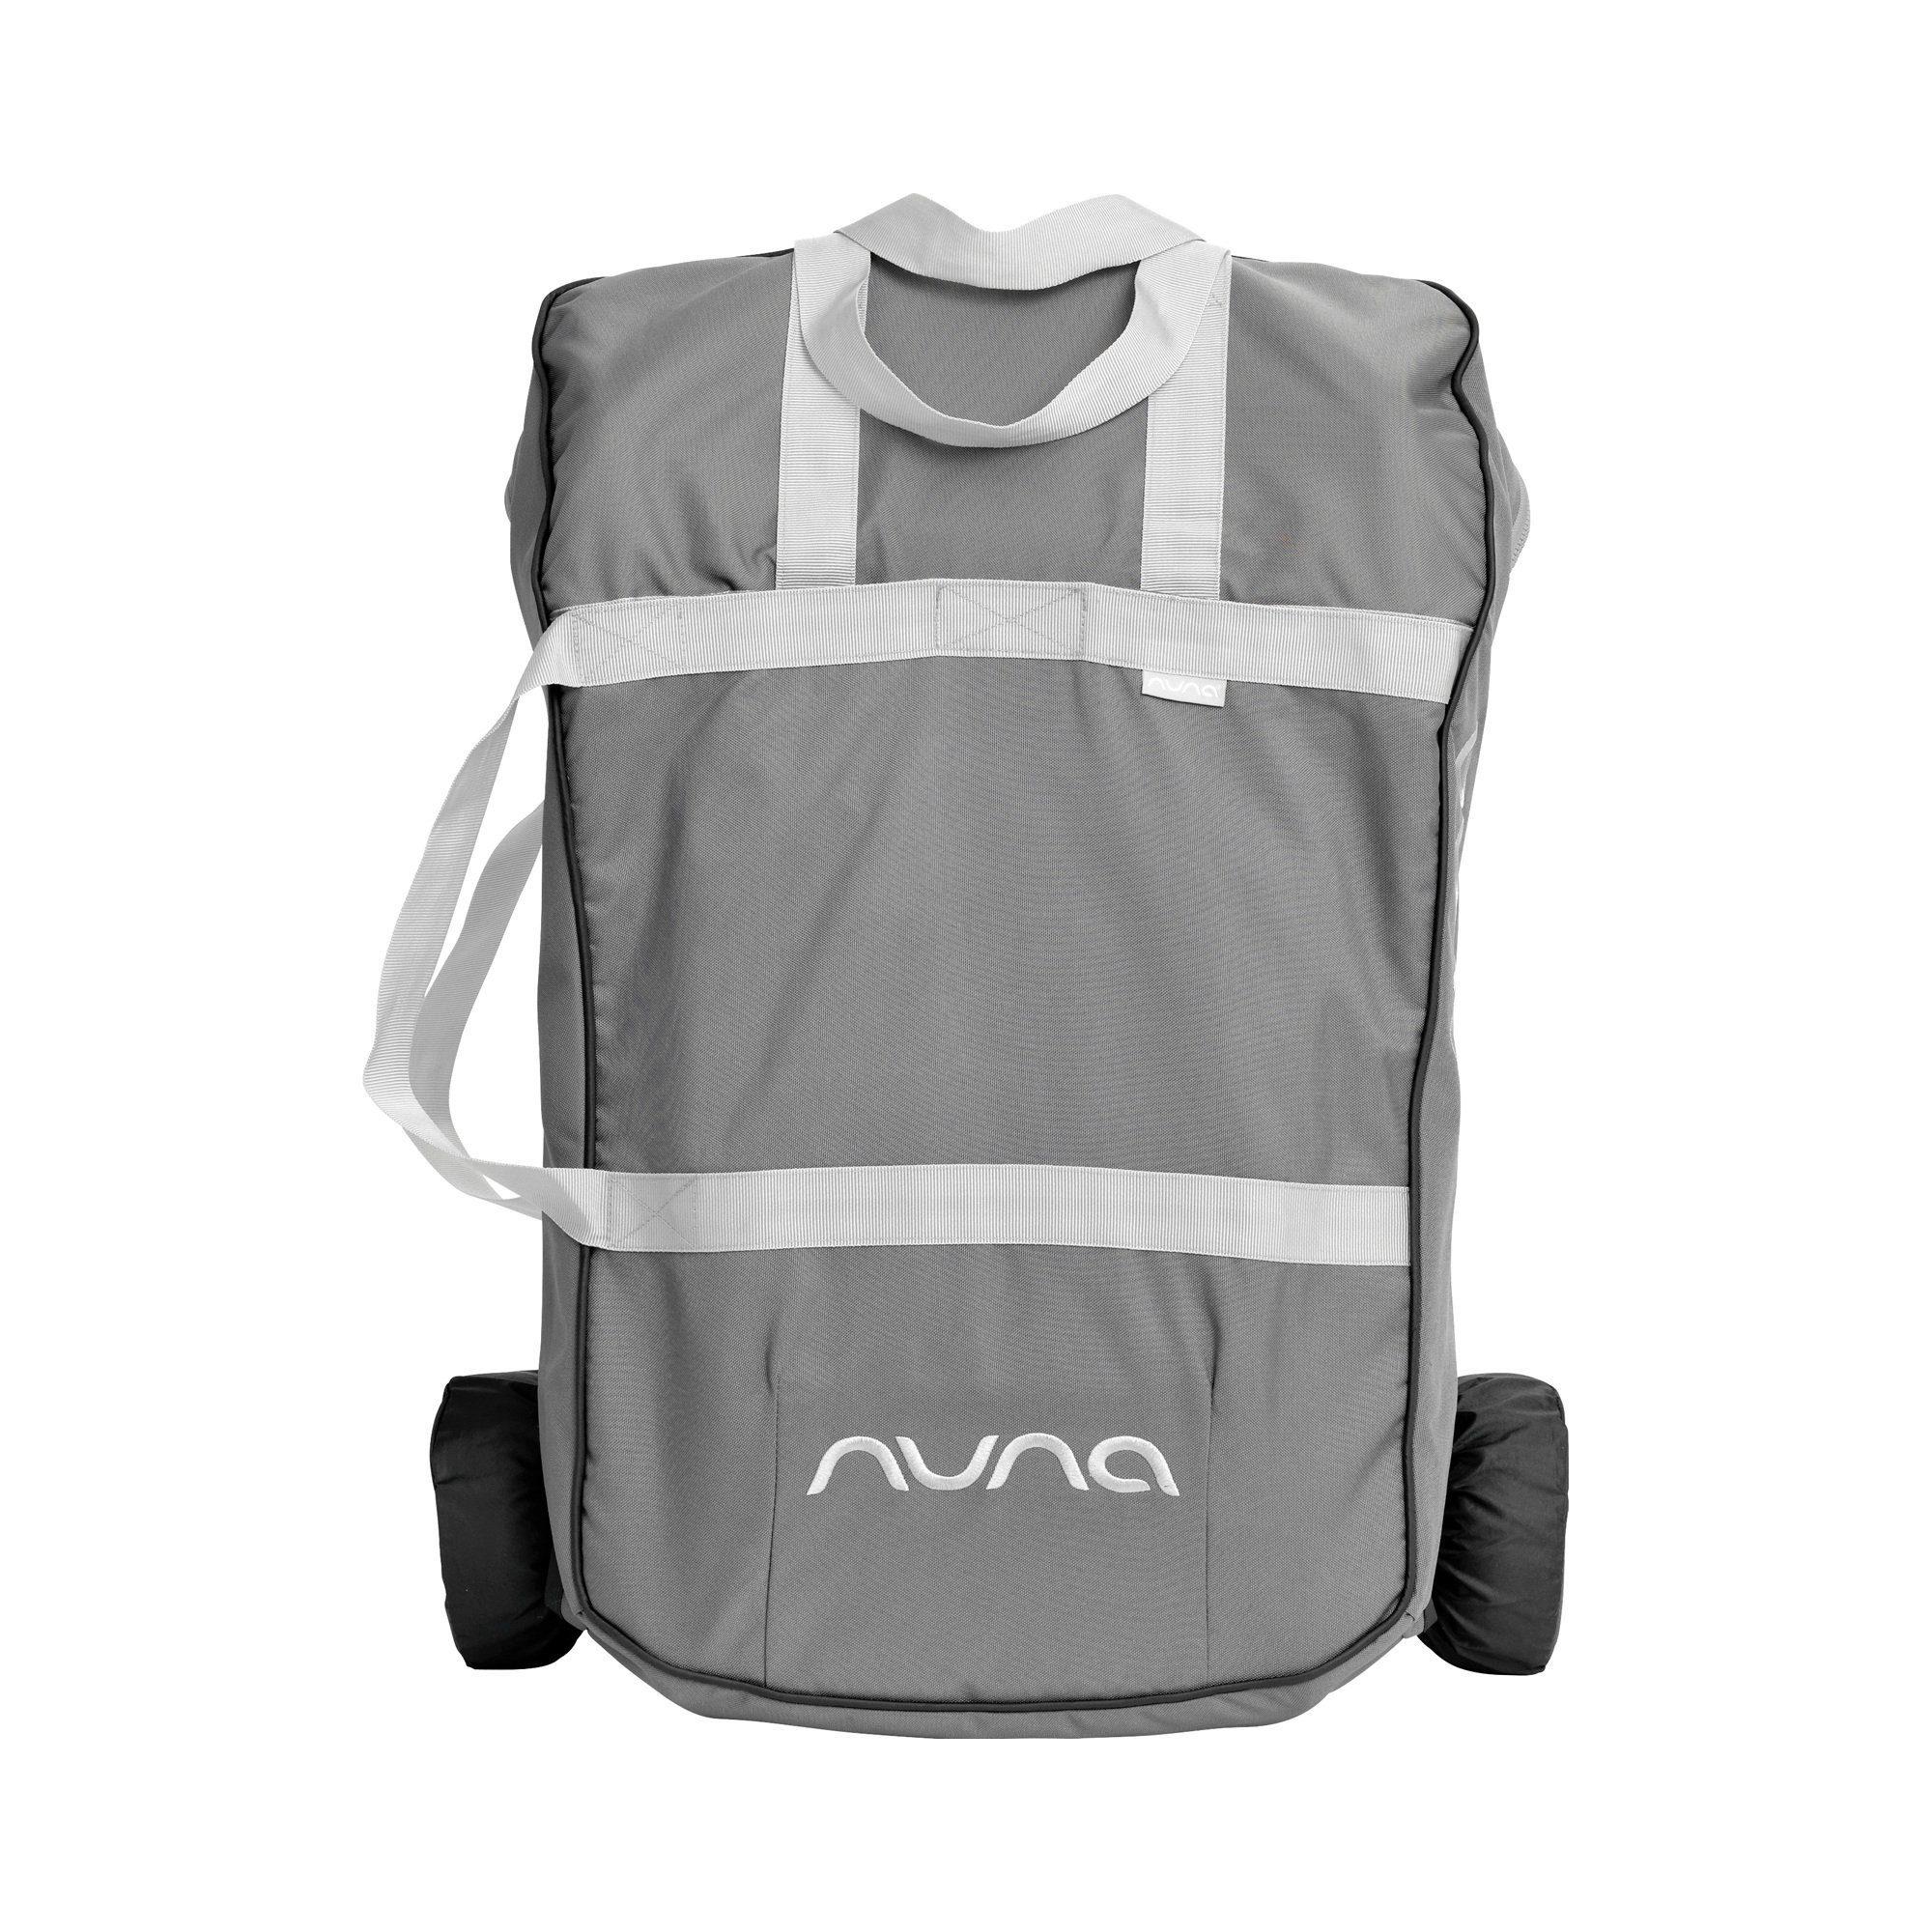 NUNA Transporttasche Pepp, Luxx